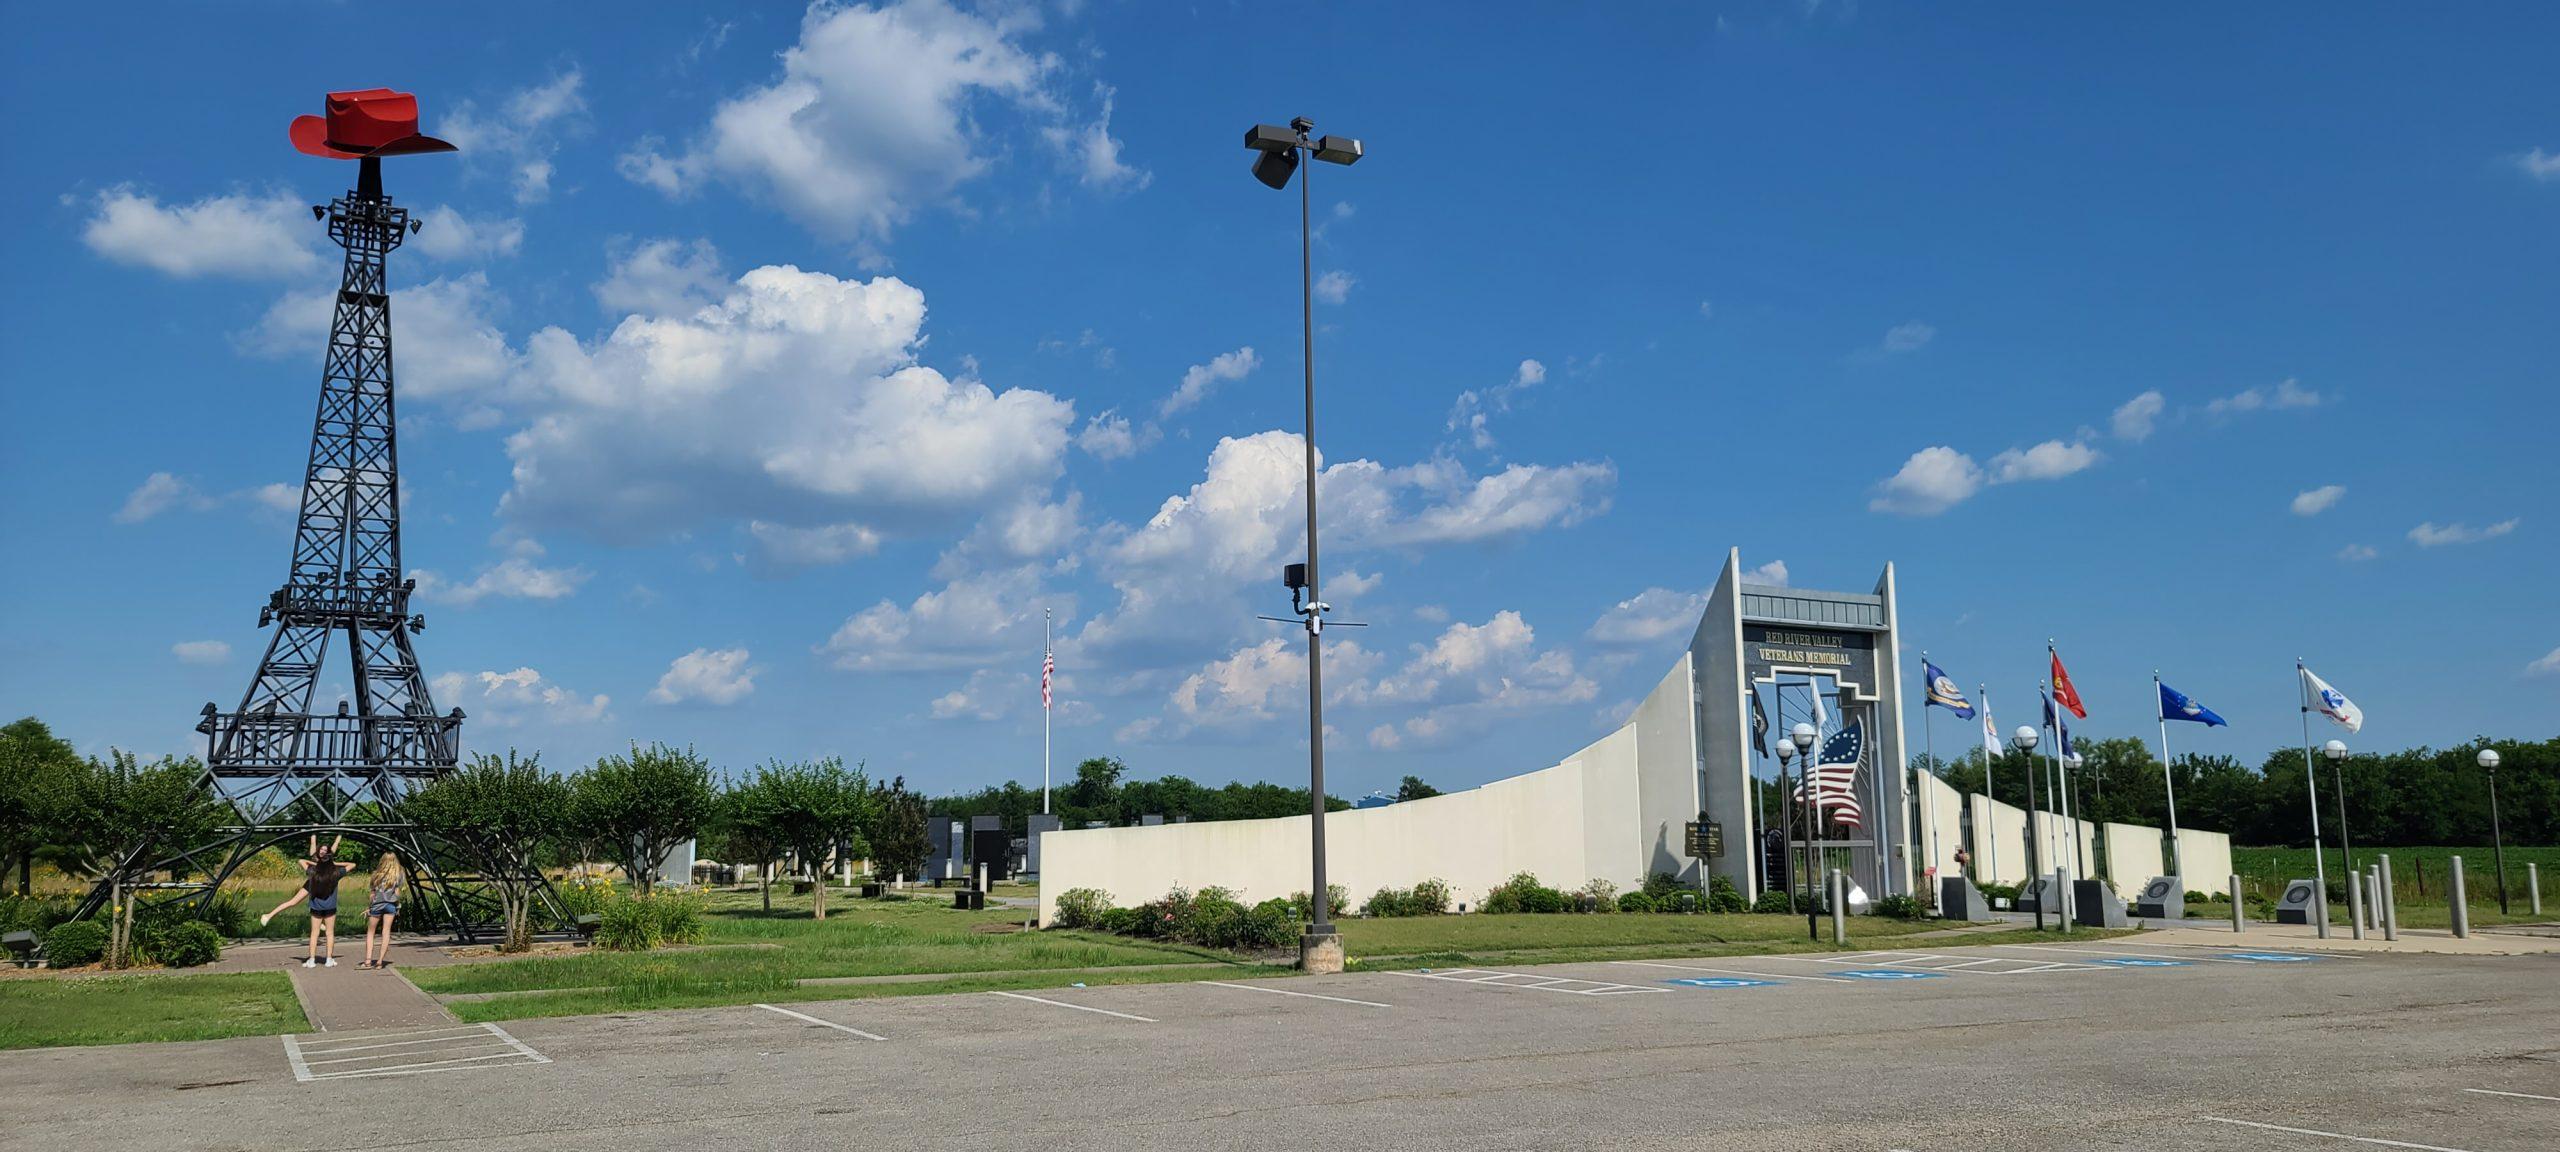 Paris, Texas and Veterans Memorial